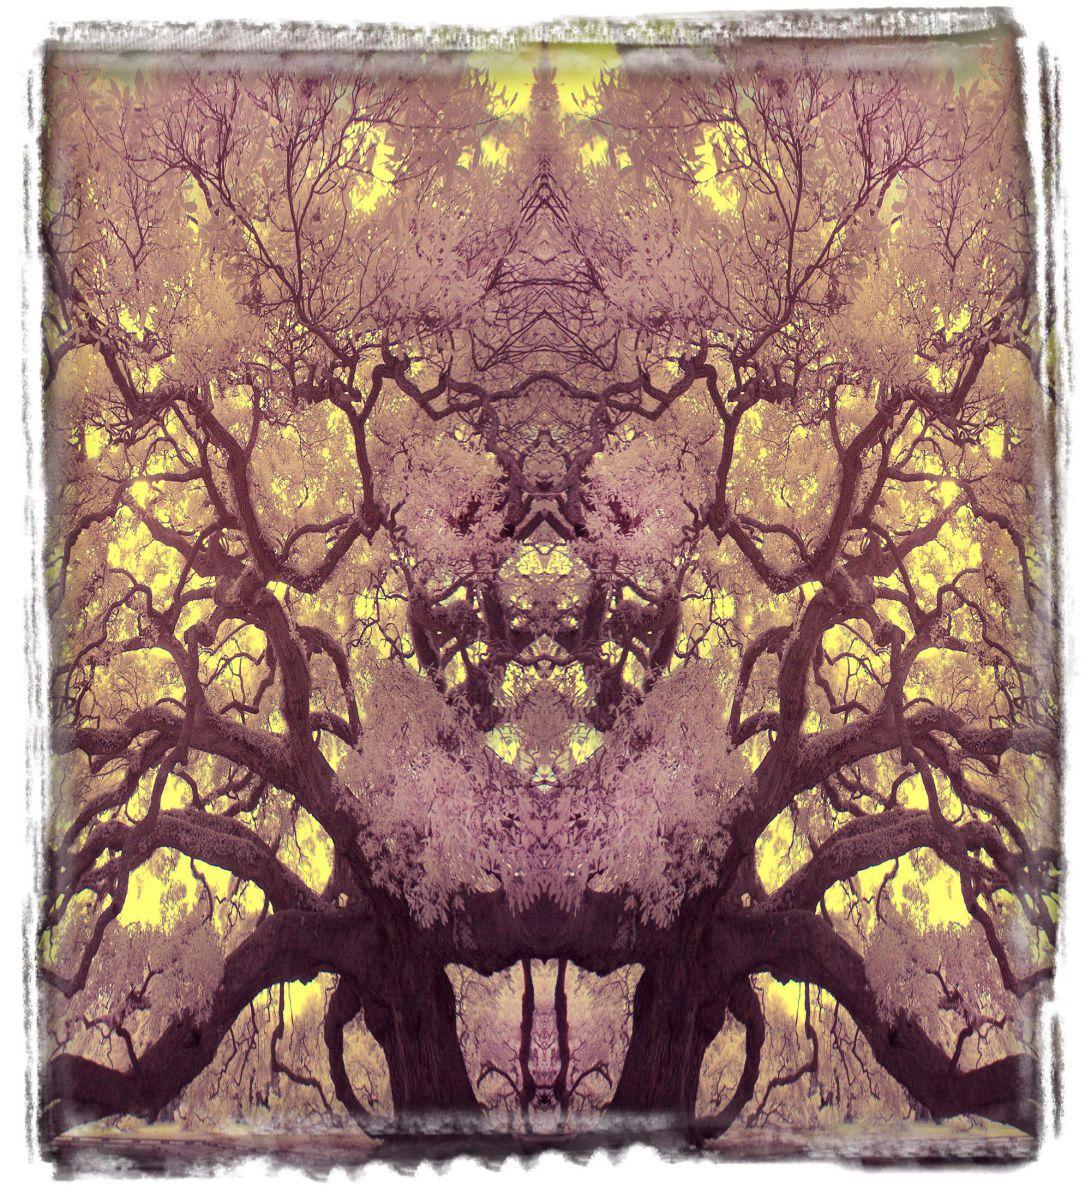 treaty oak, fl'12 3640a